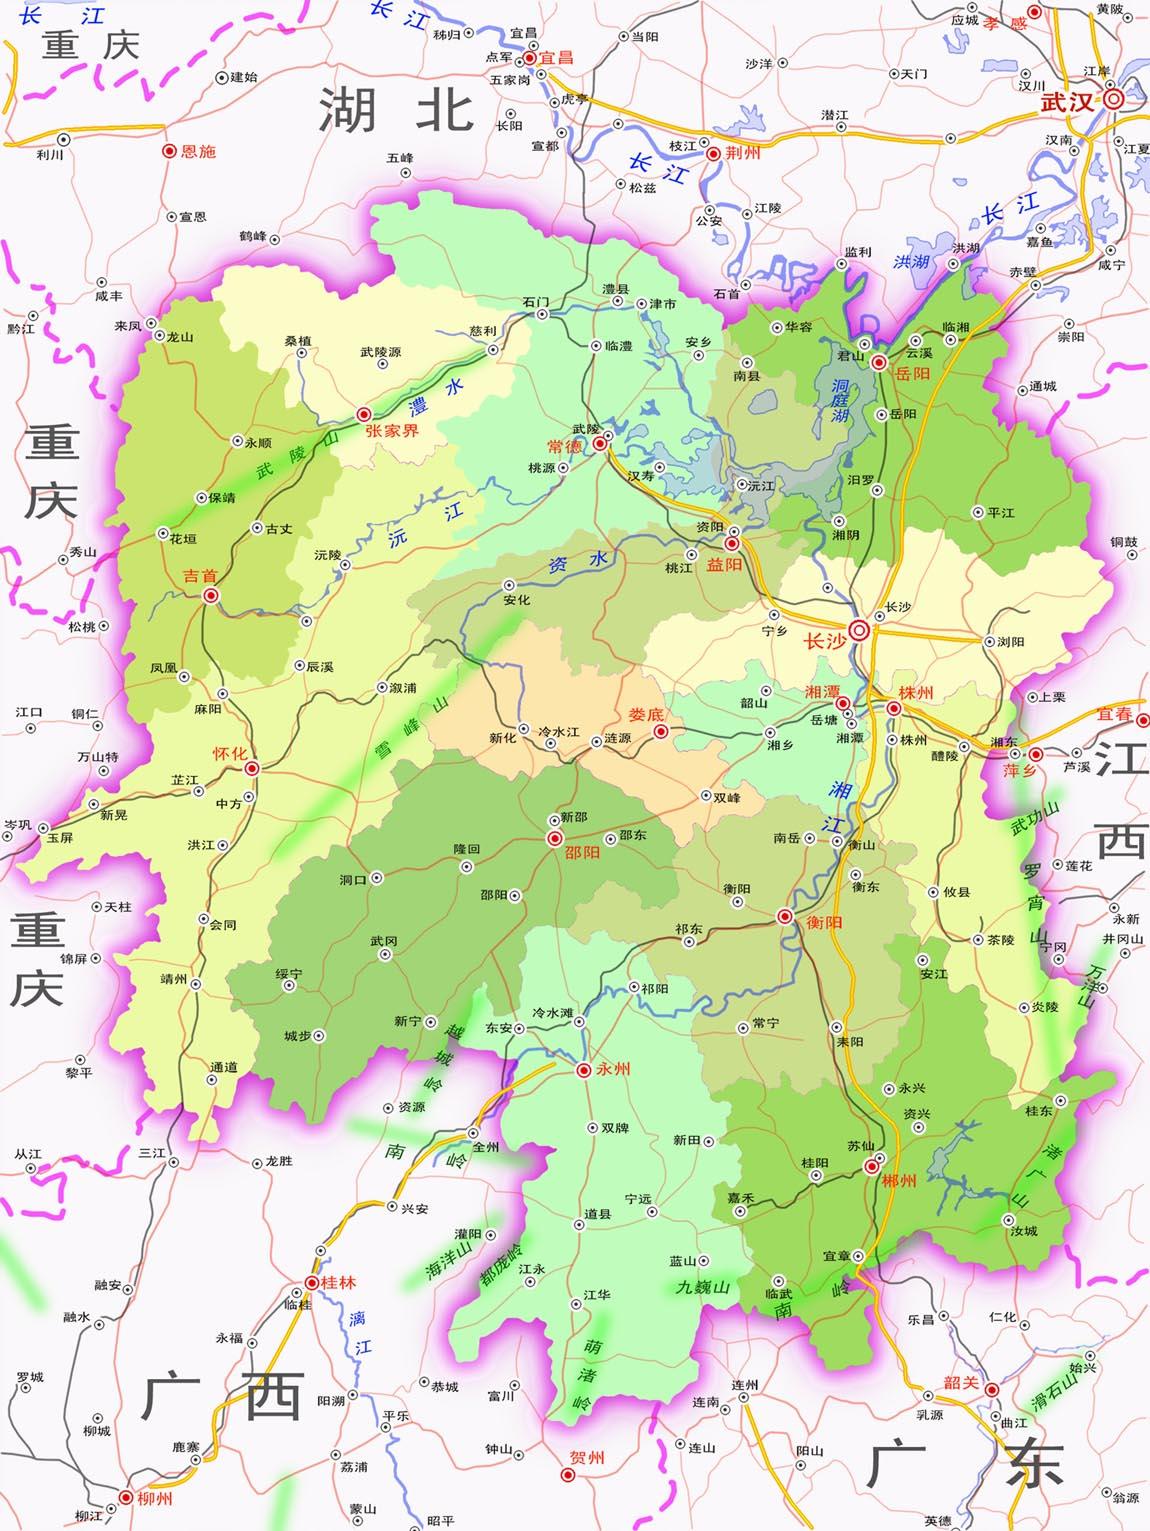 湖南省地图全图